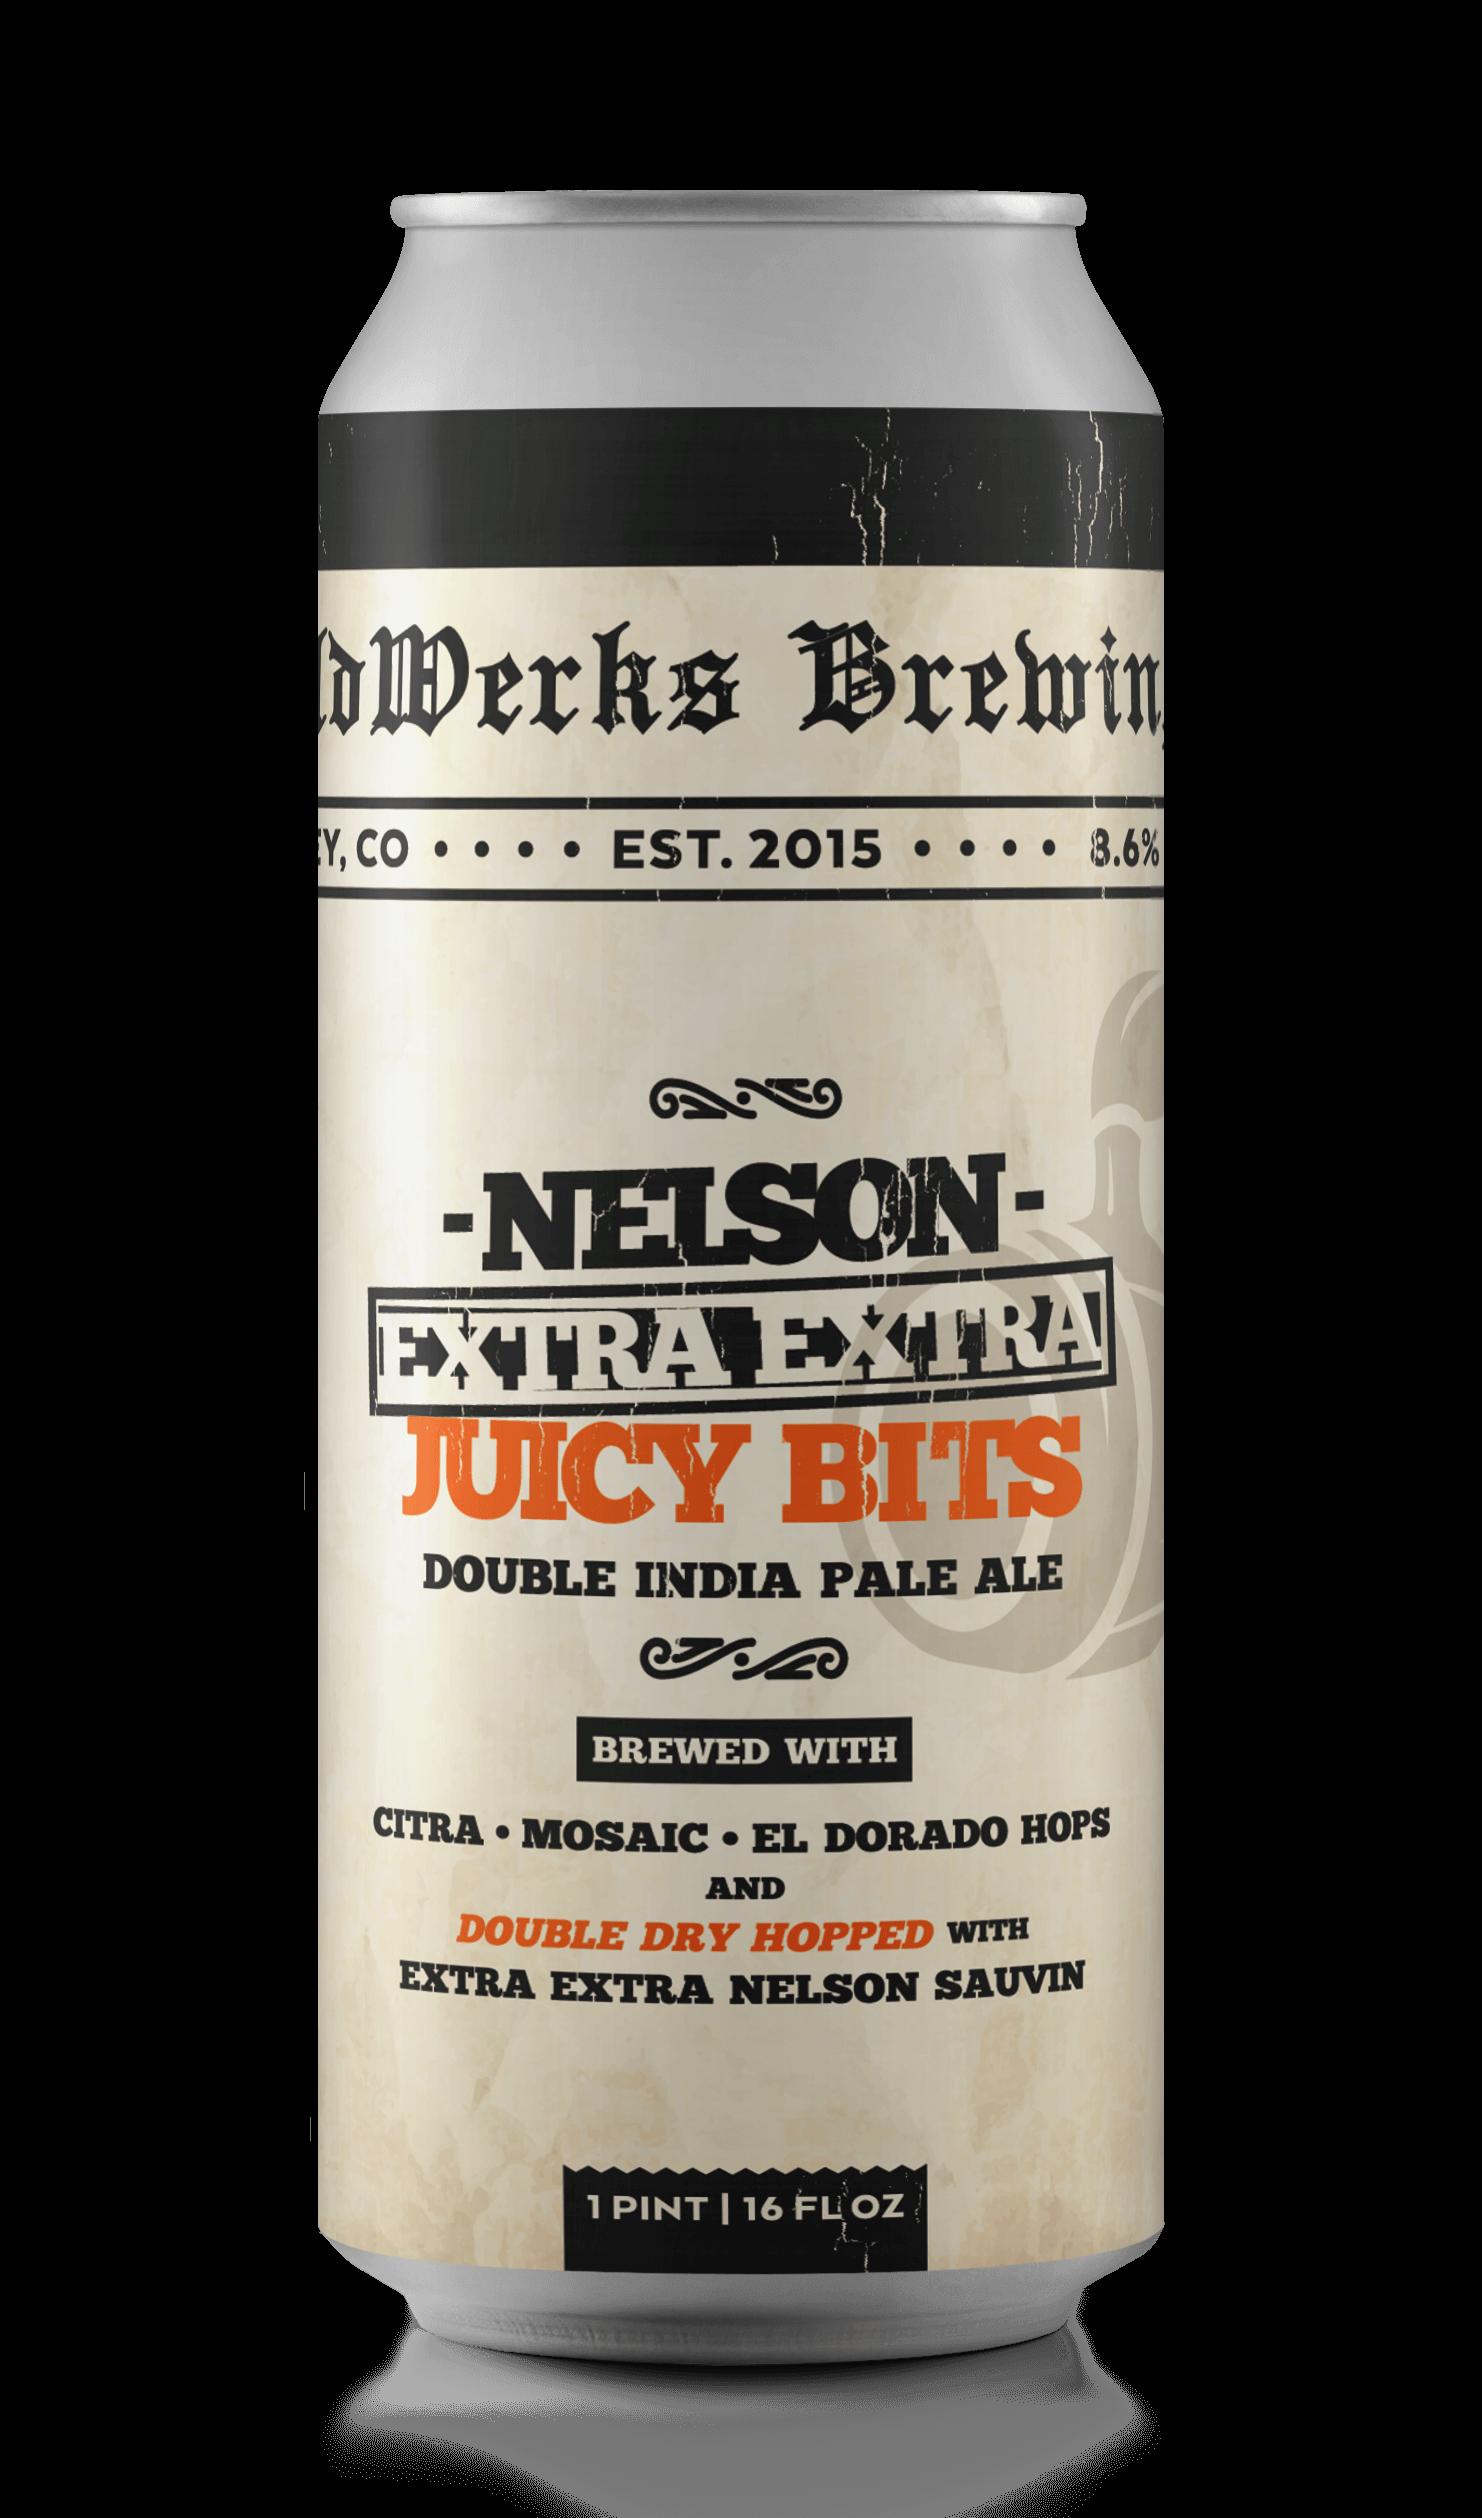 Nelson Extra Extra Juicy Bits